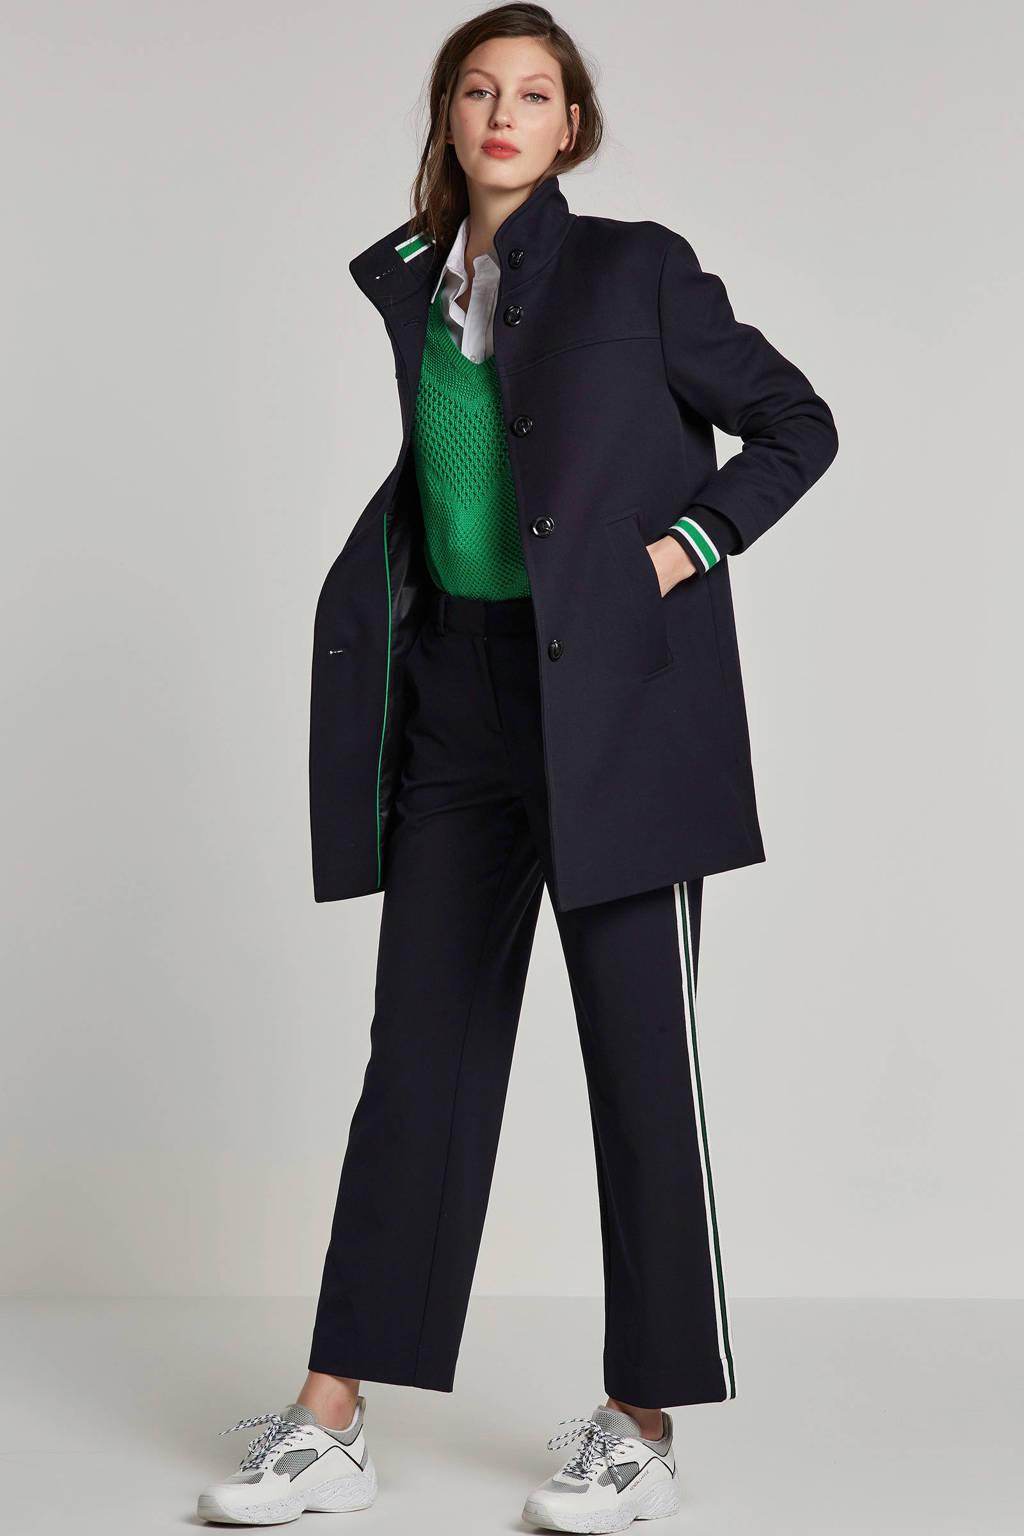 ESPRIT Women Casual jas met gestreepte rib boorden, Donkerblauw/groen/wit